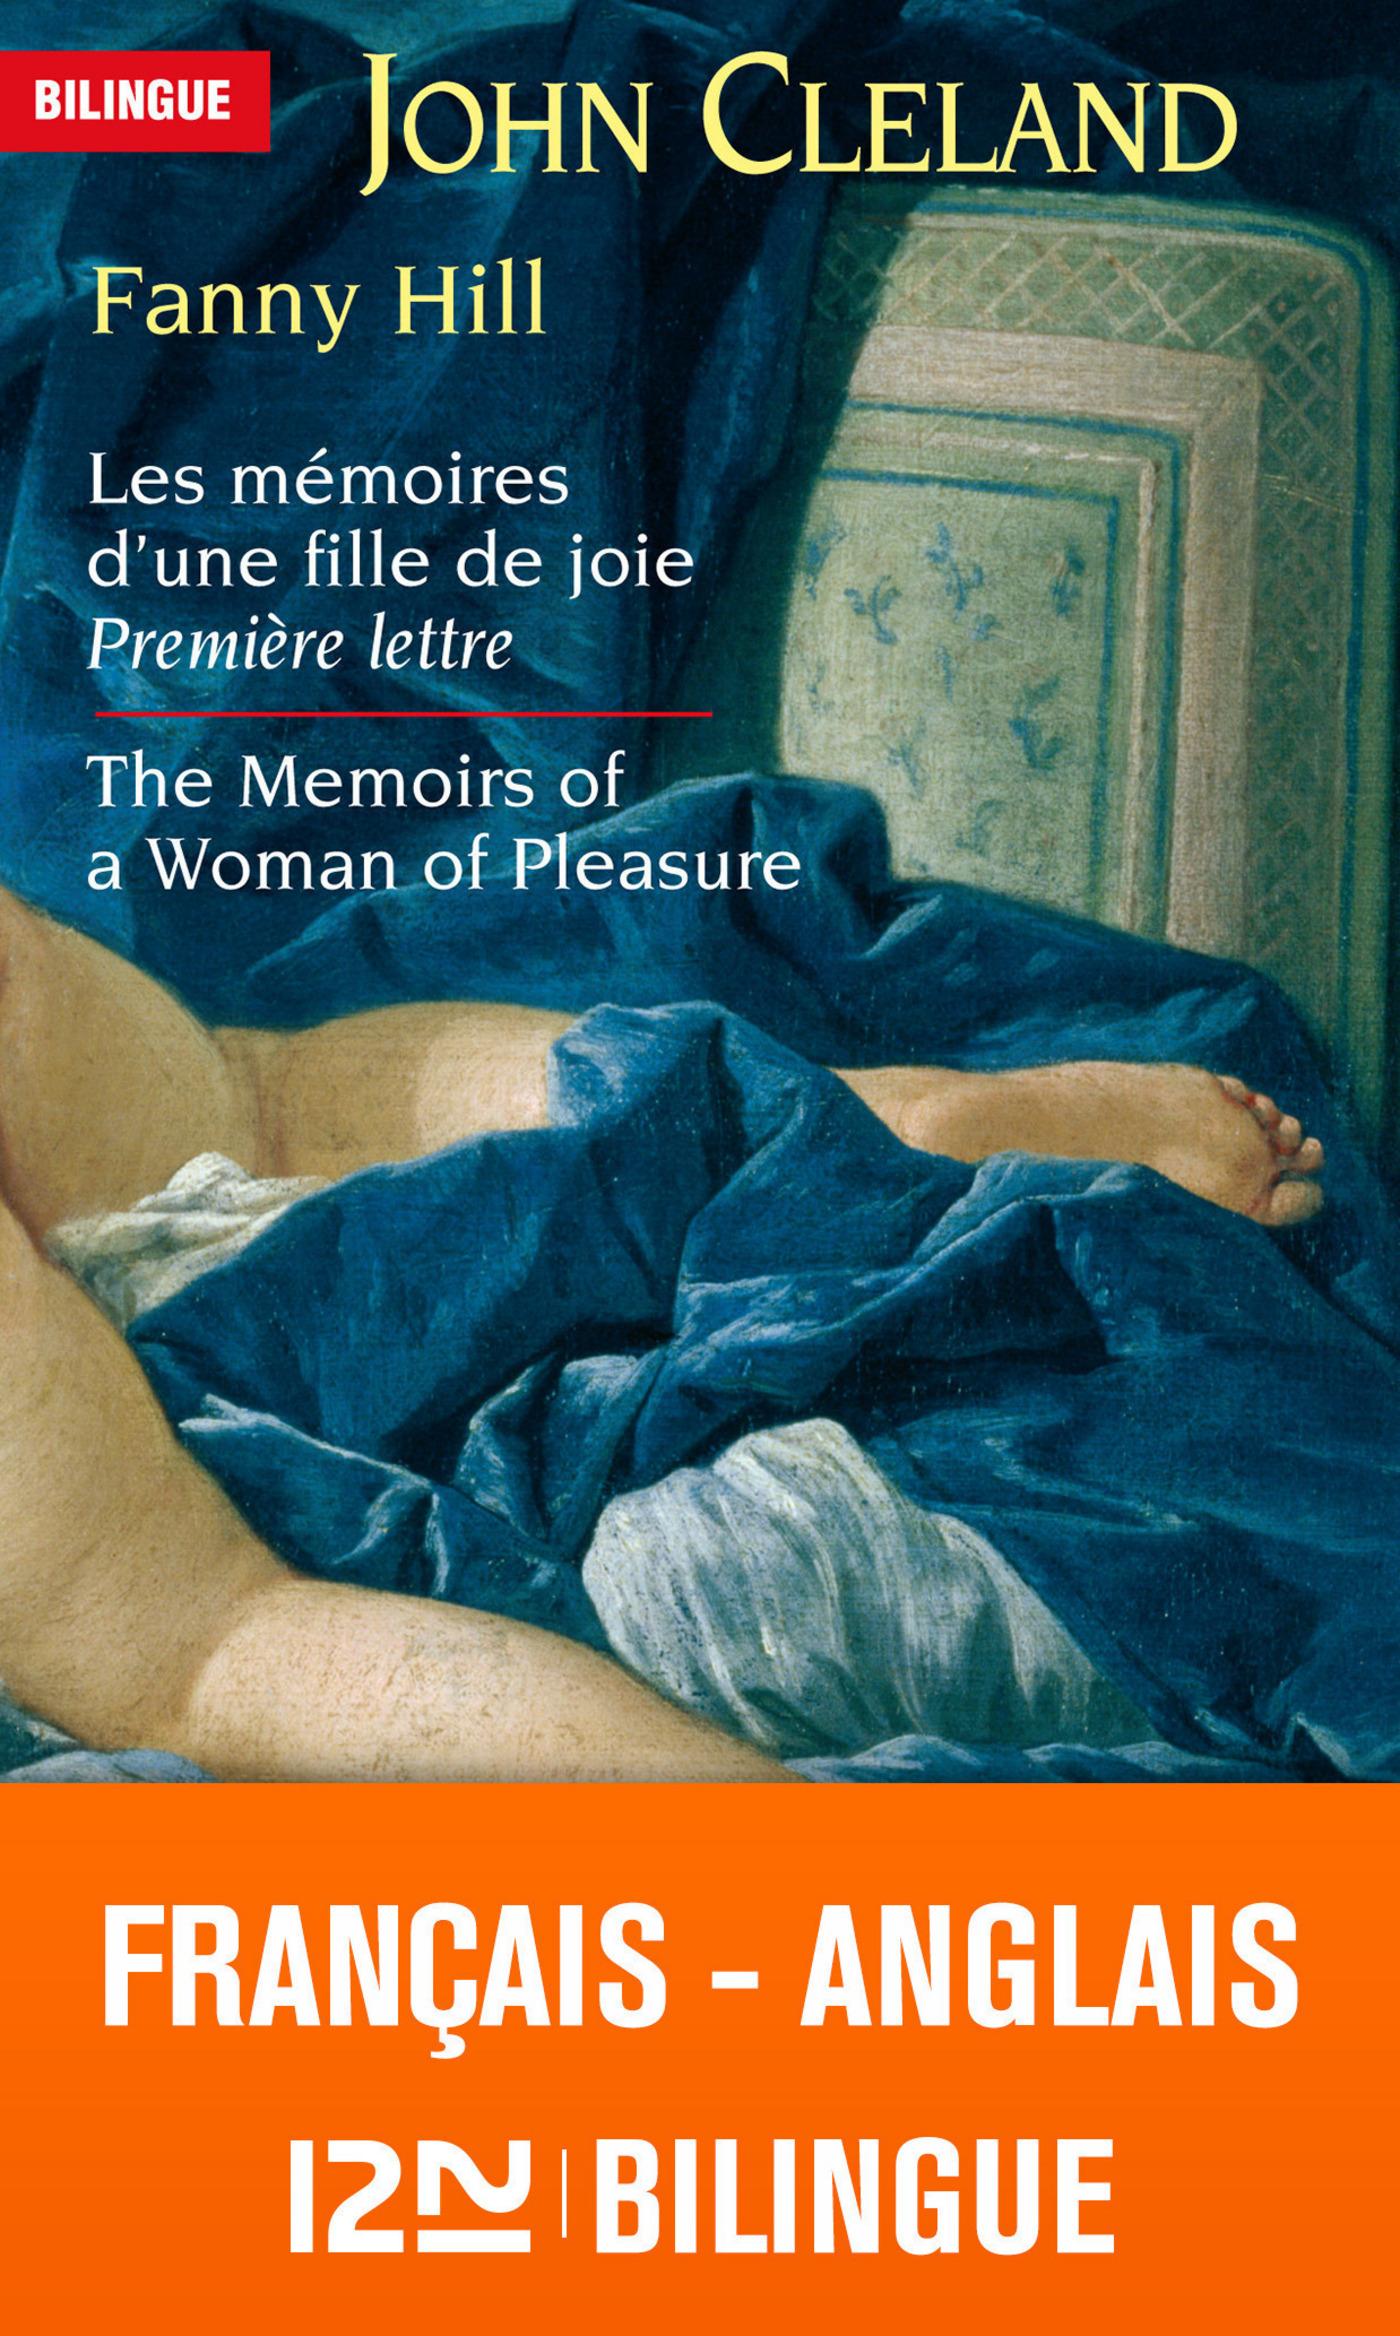 bilingue Fanny Hill